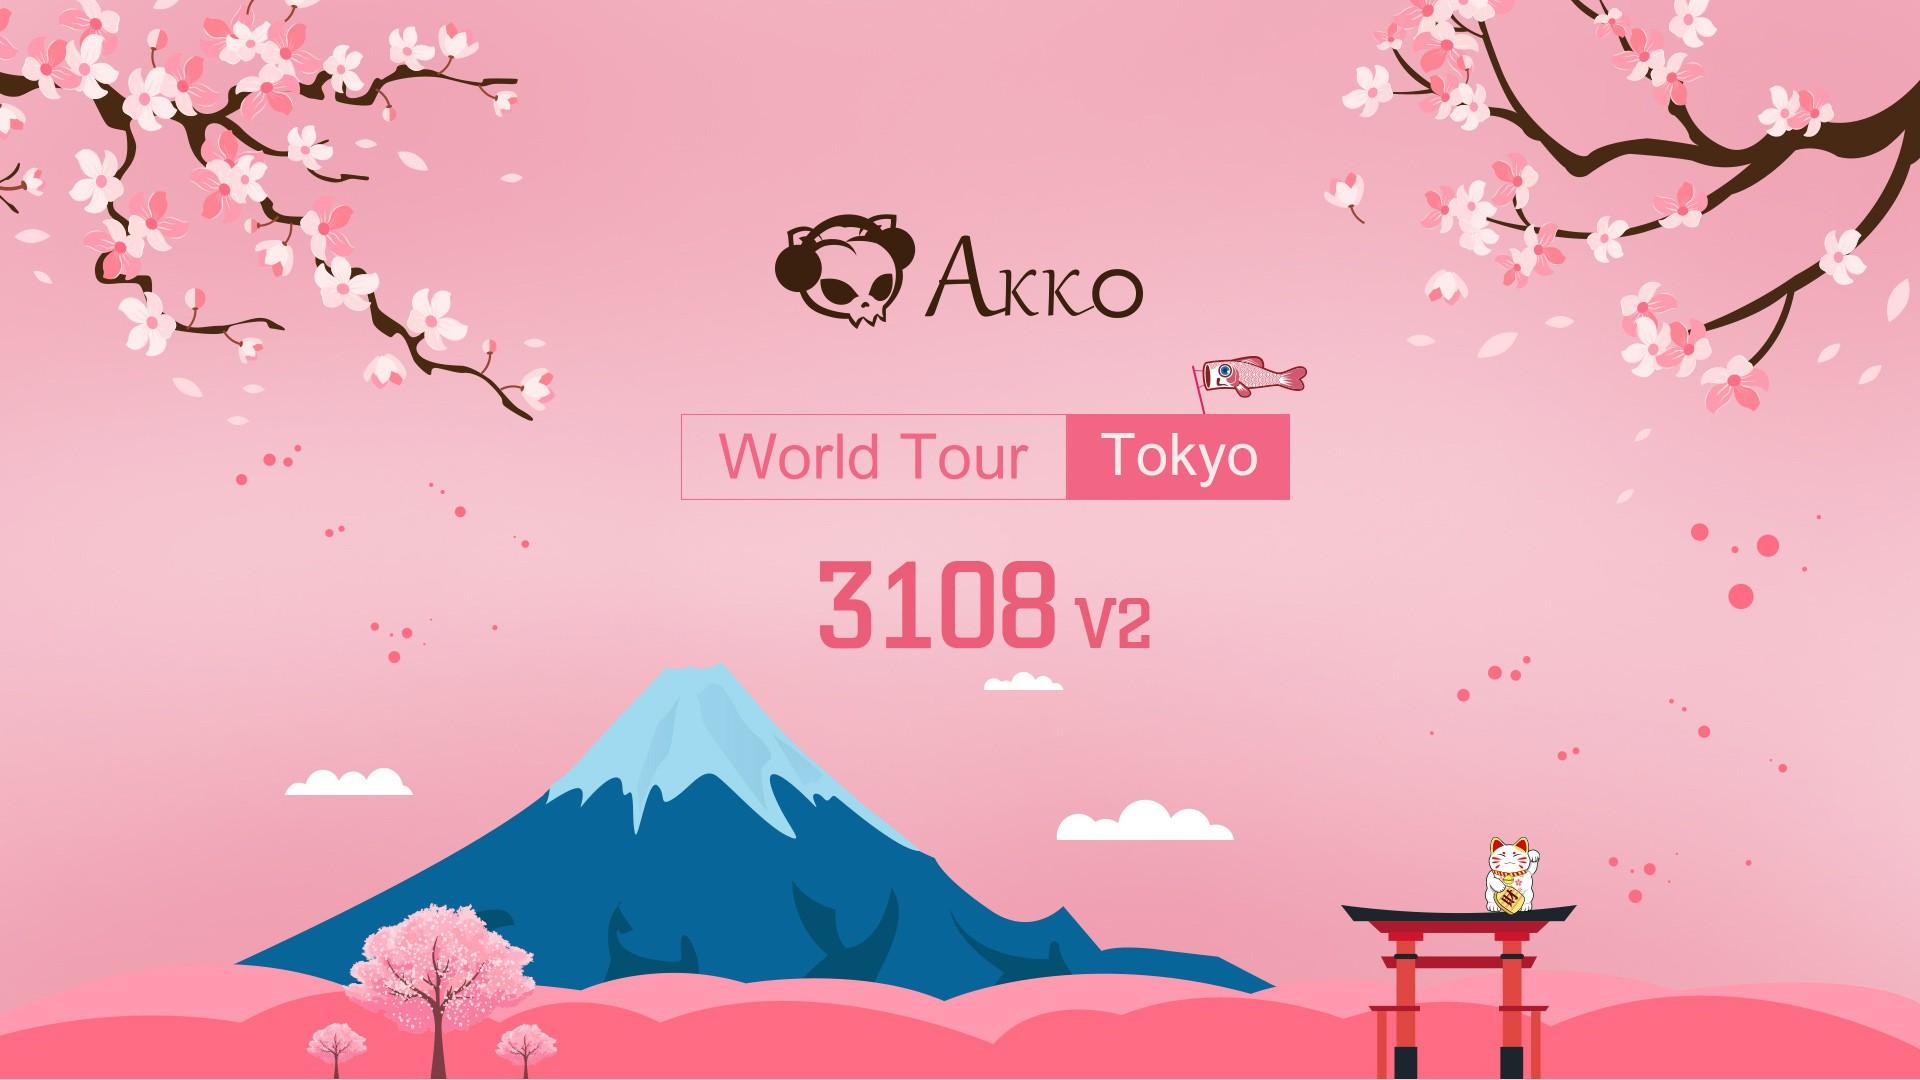 Bàn phím cơ Akko 3108 v2